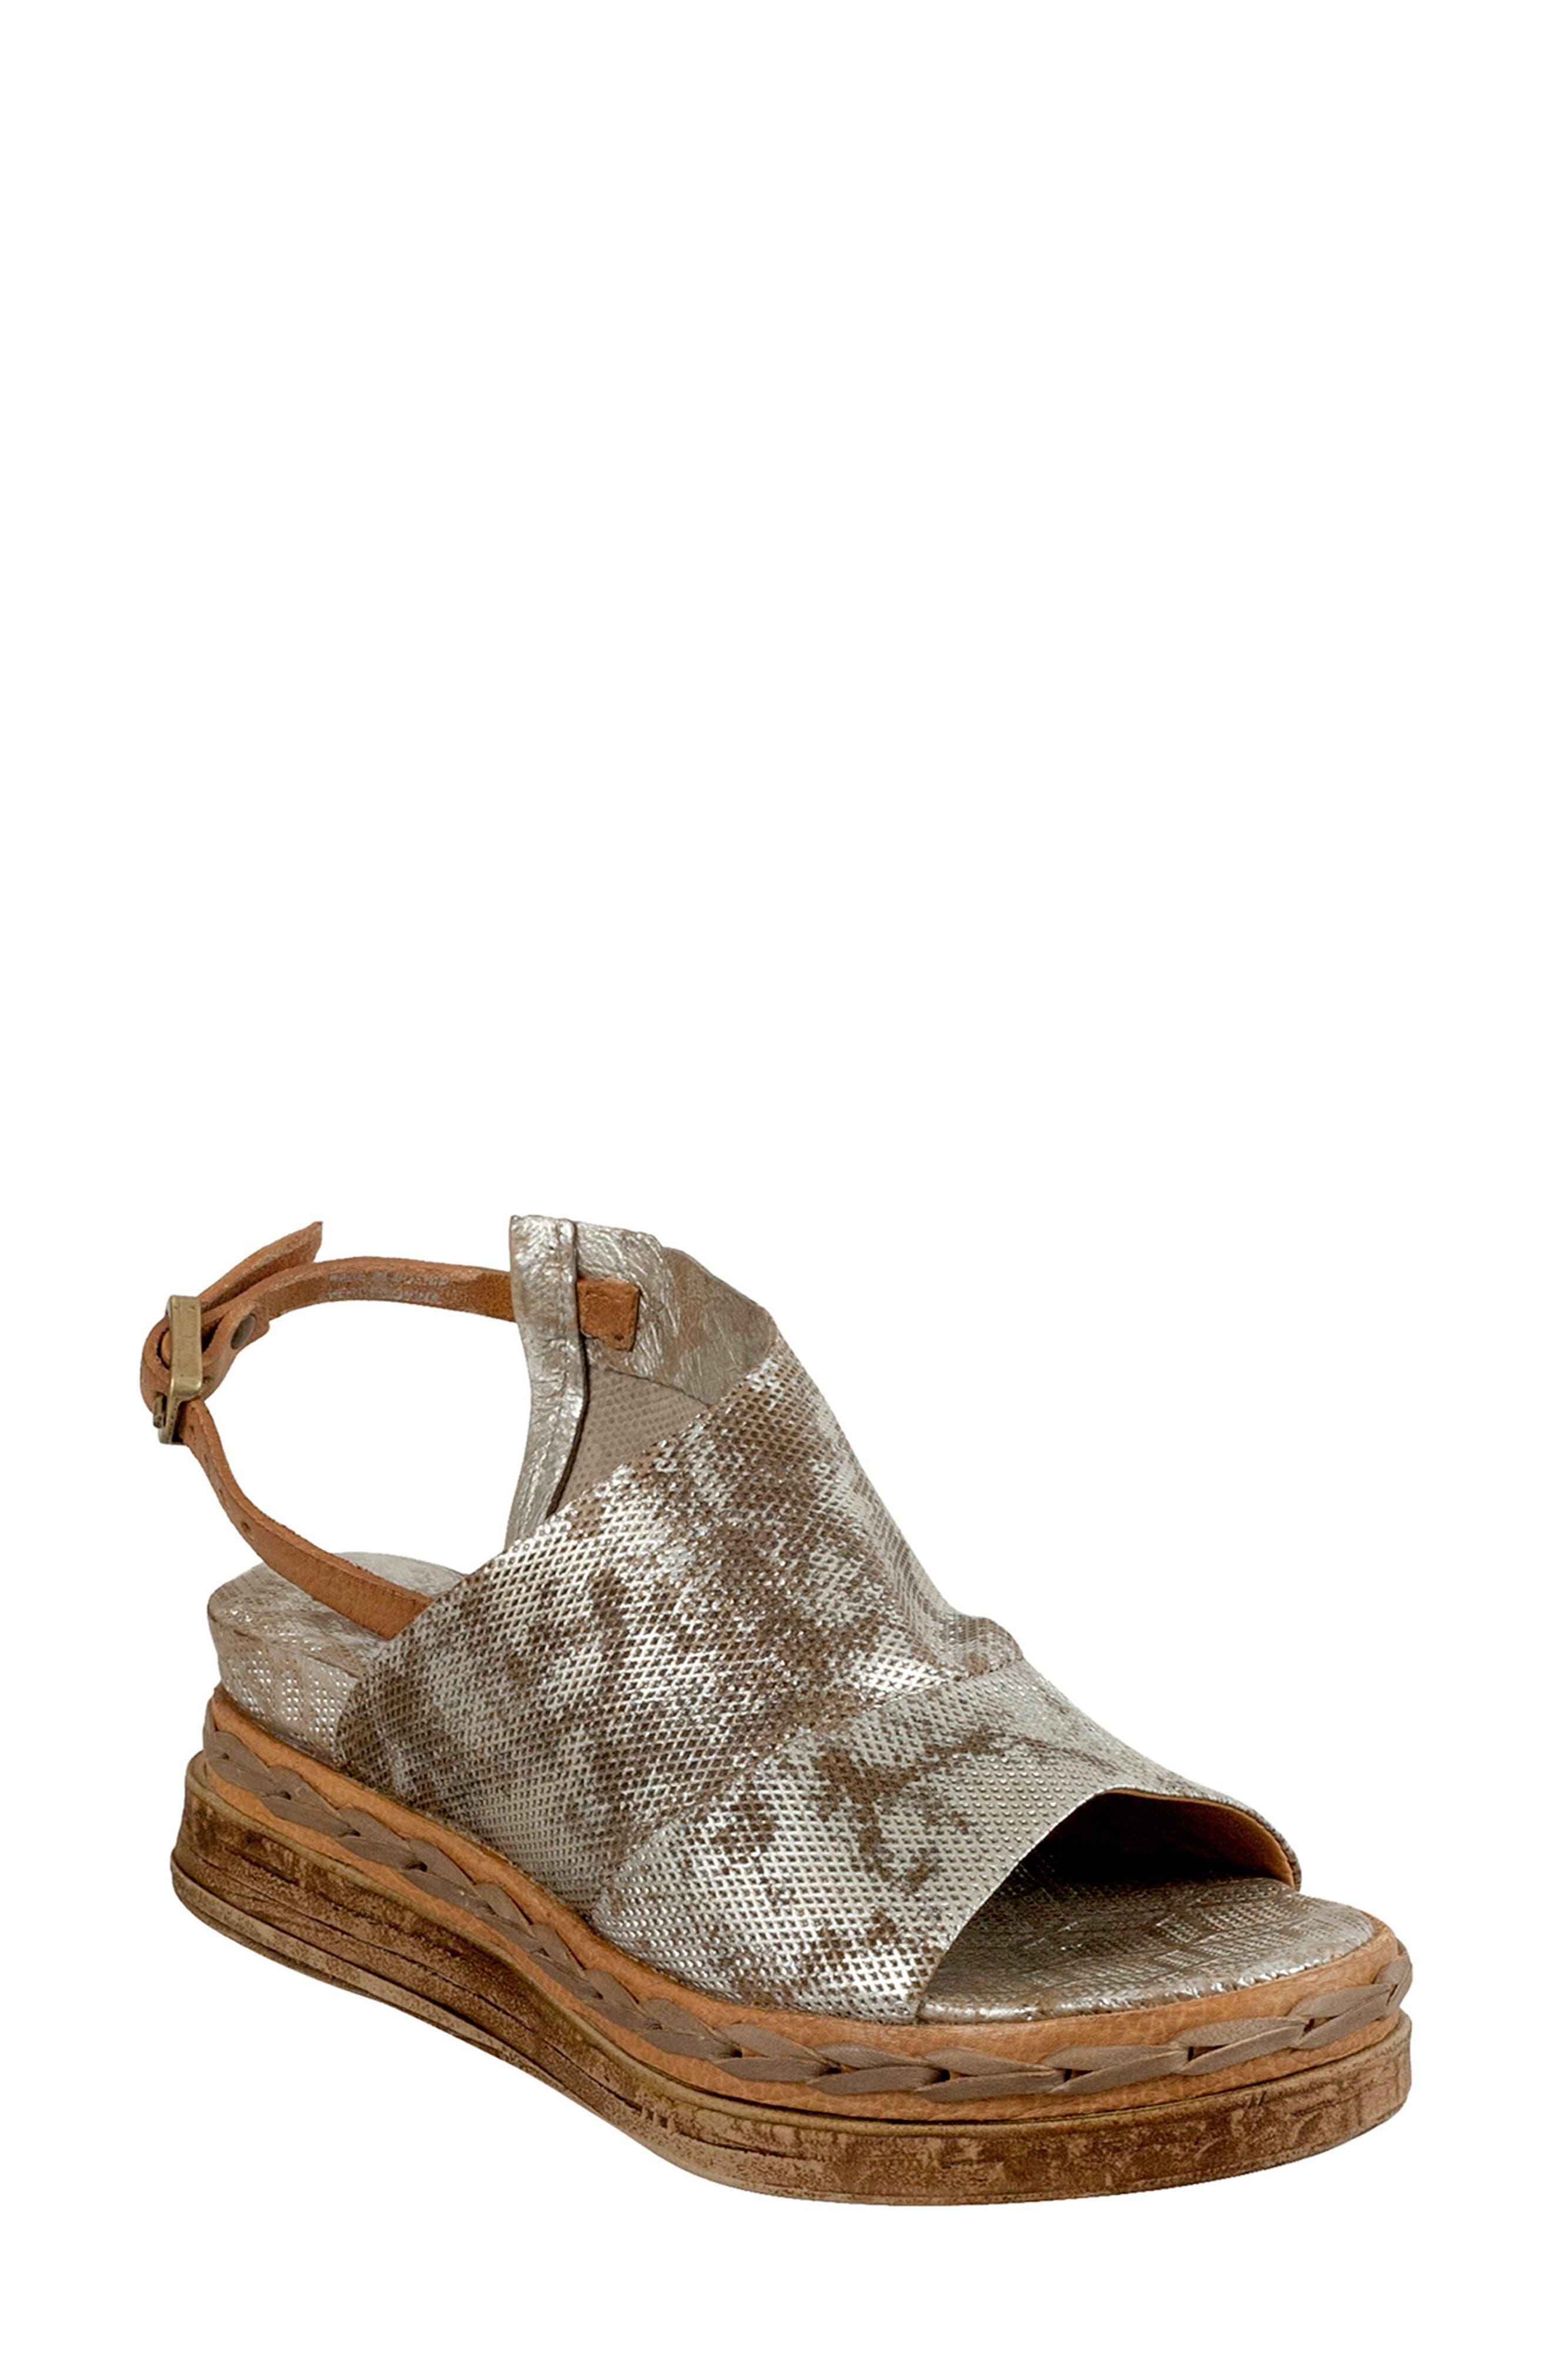 Lira Platform Sandal,                             Main thumbnail 1, color,                             042